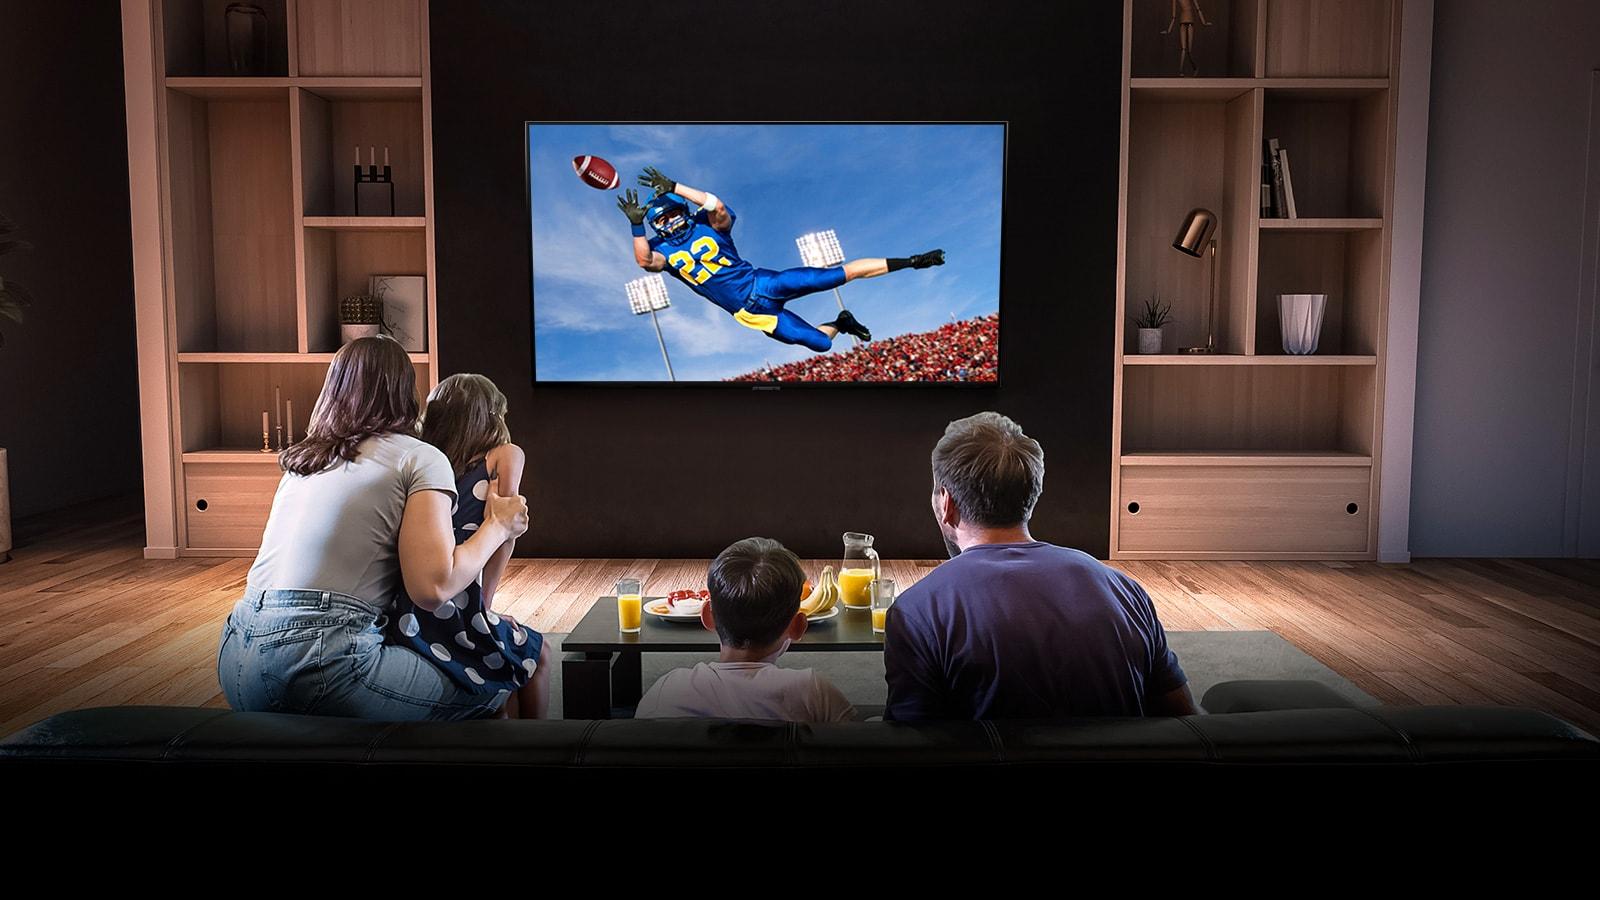 Люди смотрят матч с участием команды Тоттенхэм по телевизору в гостиной